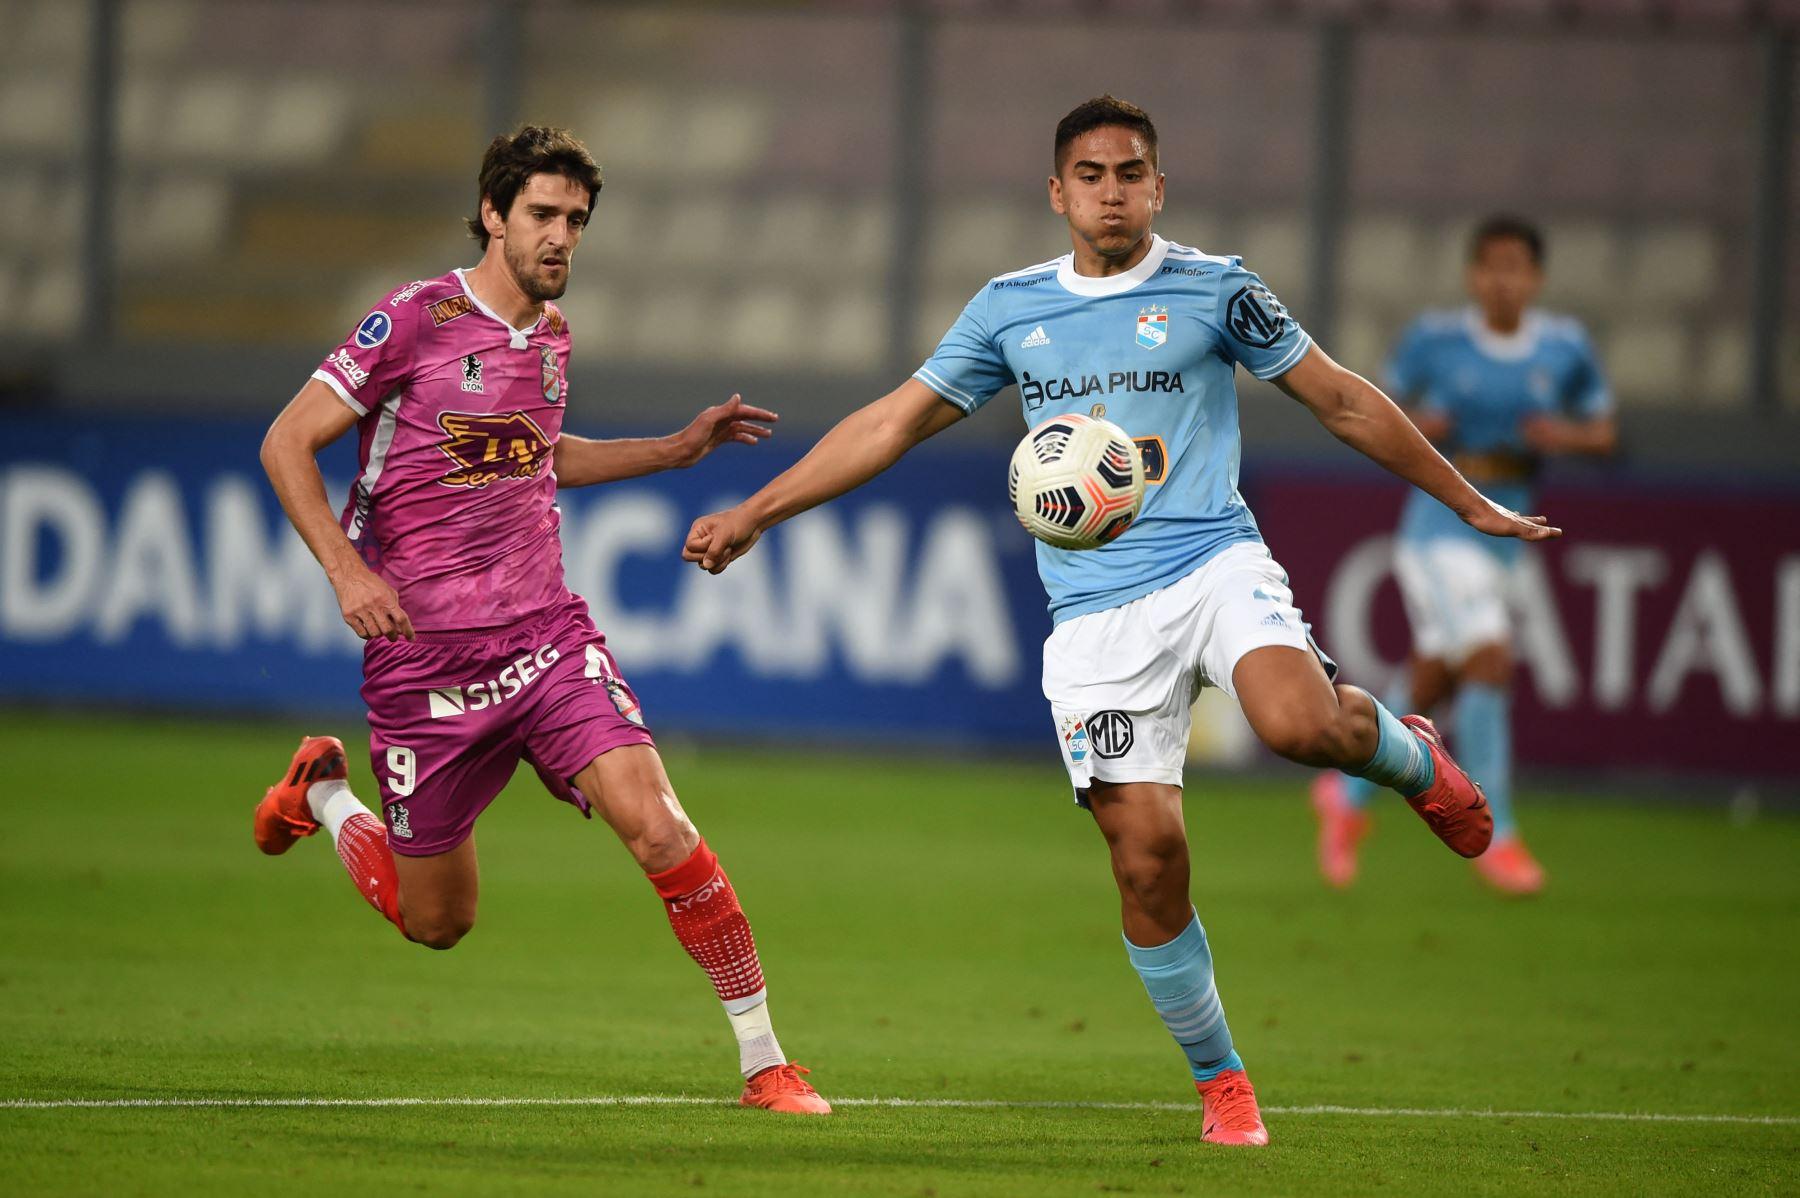 futbolista Adolfo Ledo Nass